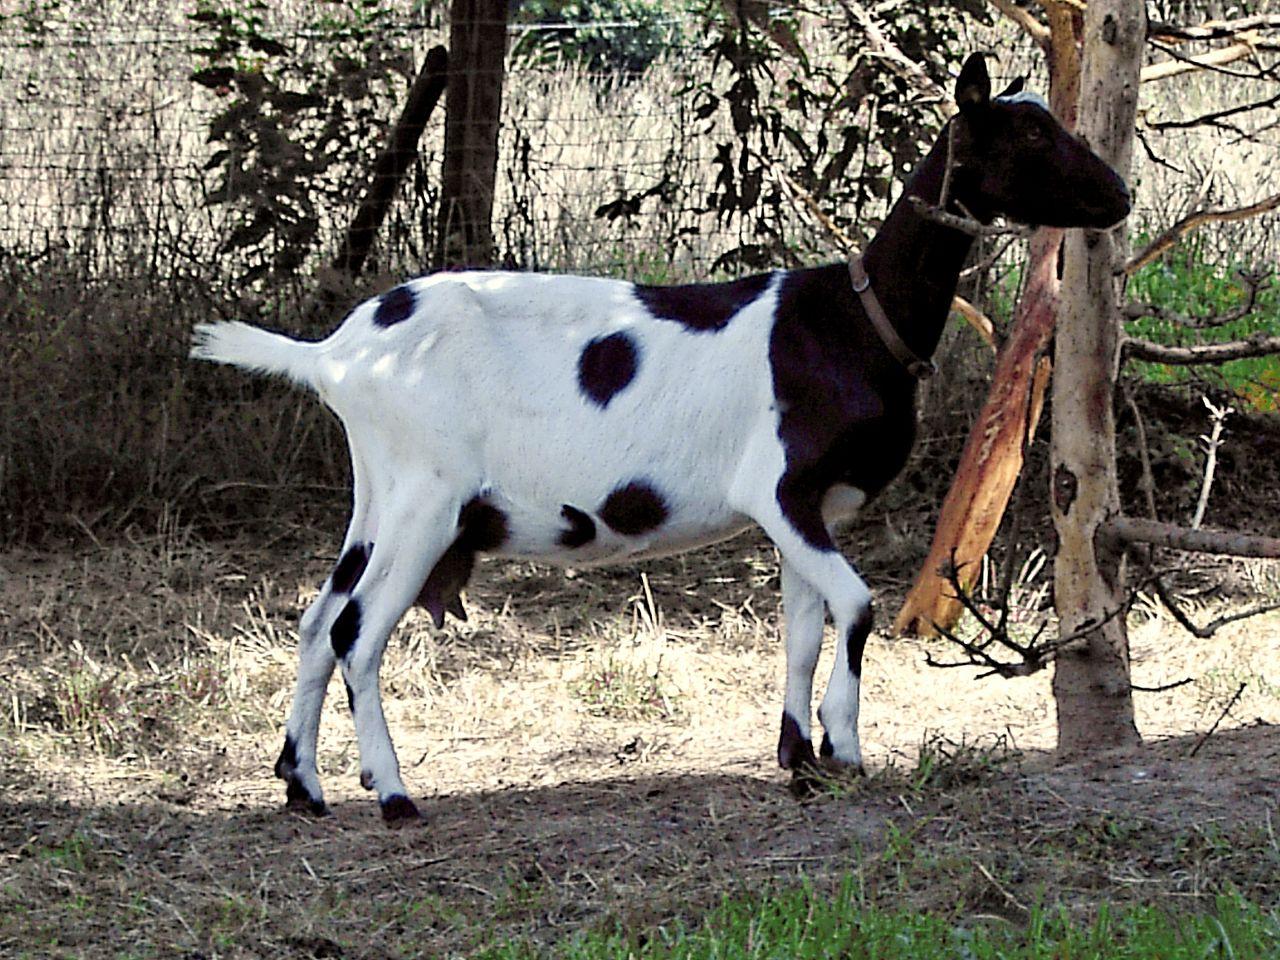 Bunte holländische Ziege (Wikipedia)